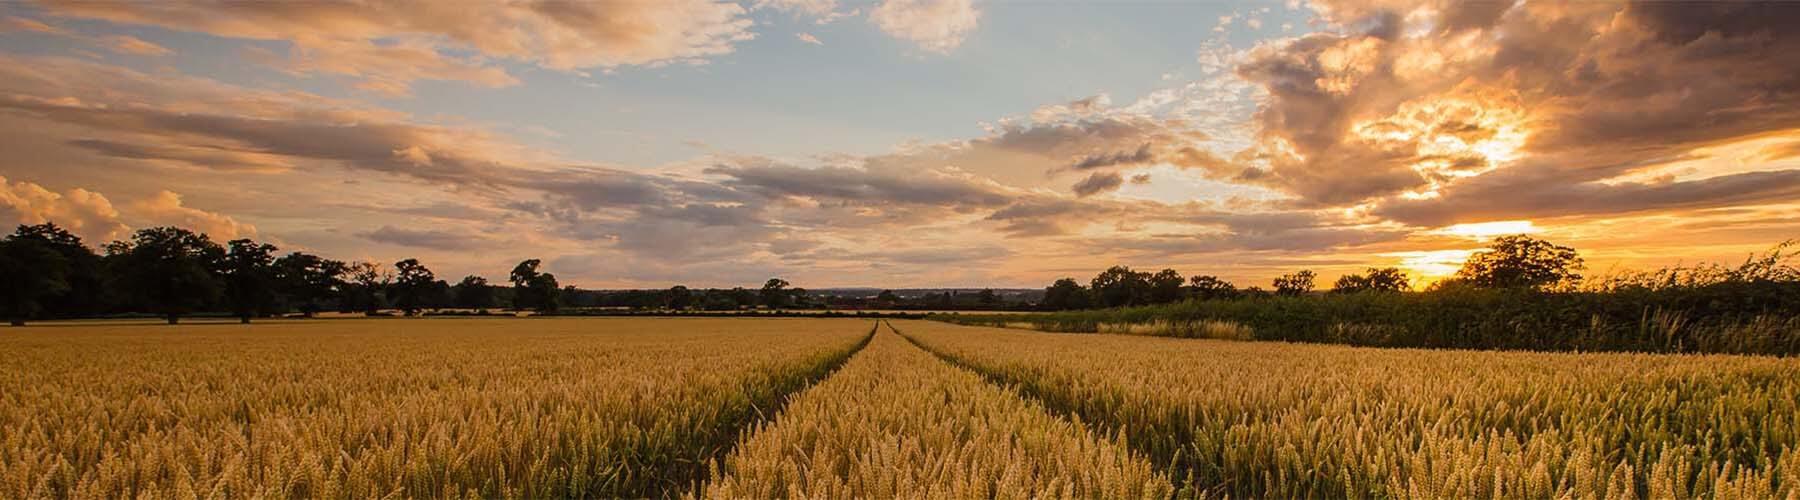 Un campo de trigo al amanecer.